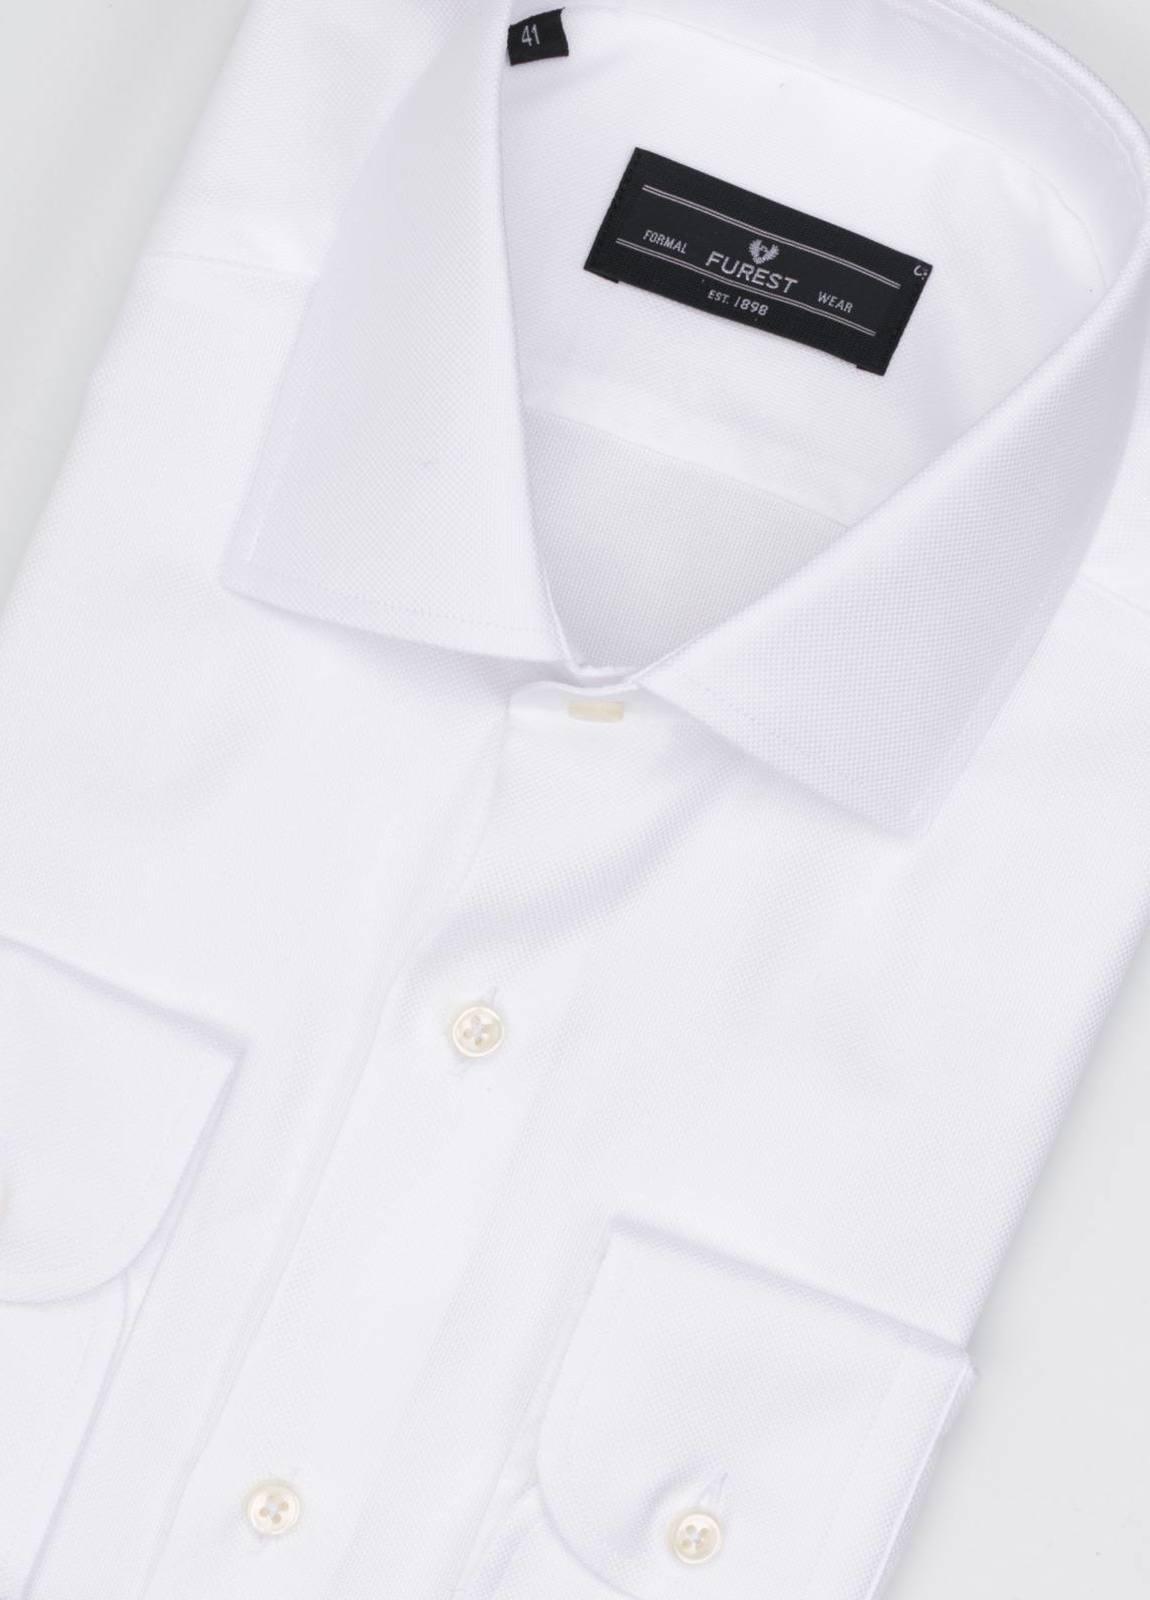 Camisa Formal Wear REGULAR FIT cuello italiano modelo NAPOLI tejido micrograbado color blanco, 100% Algodón. - Ítem1